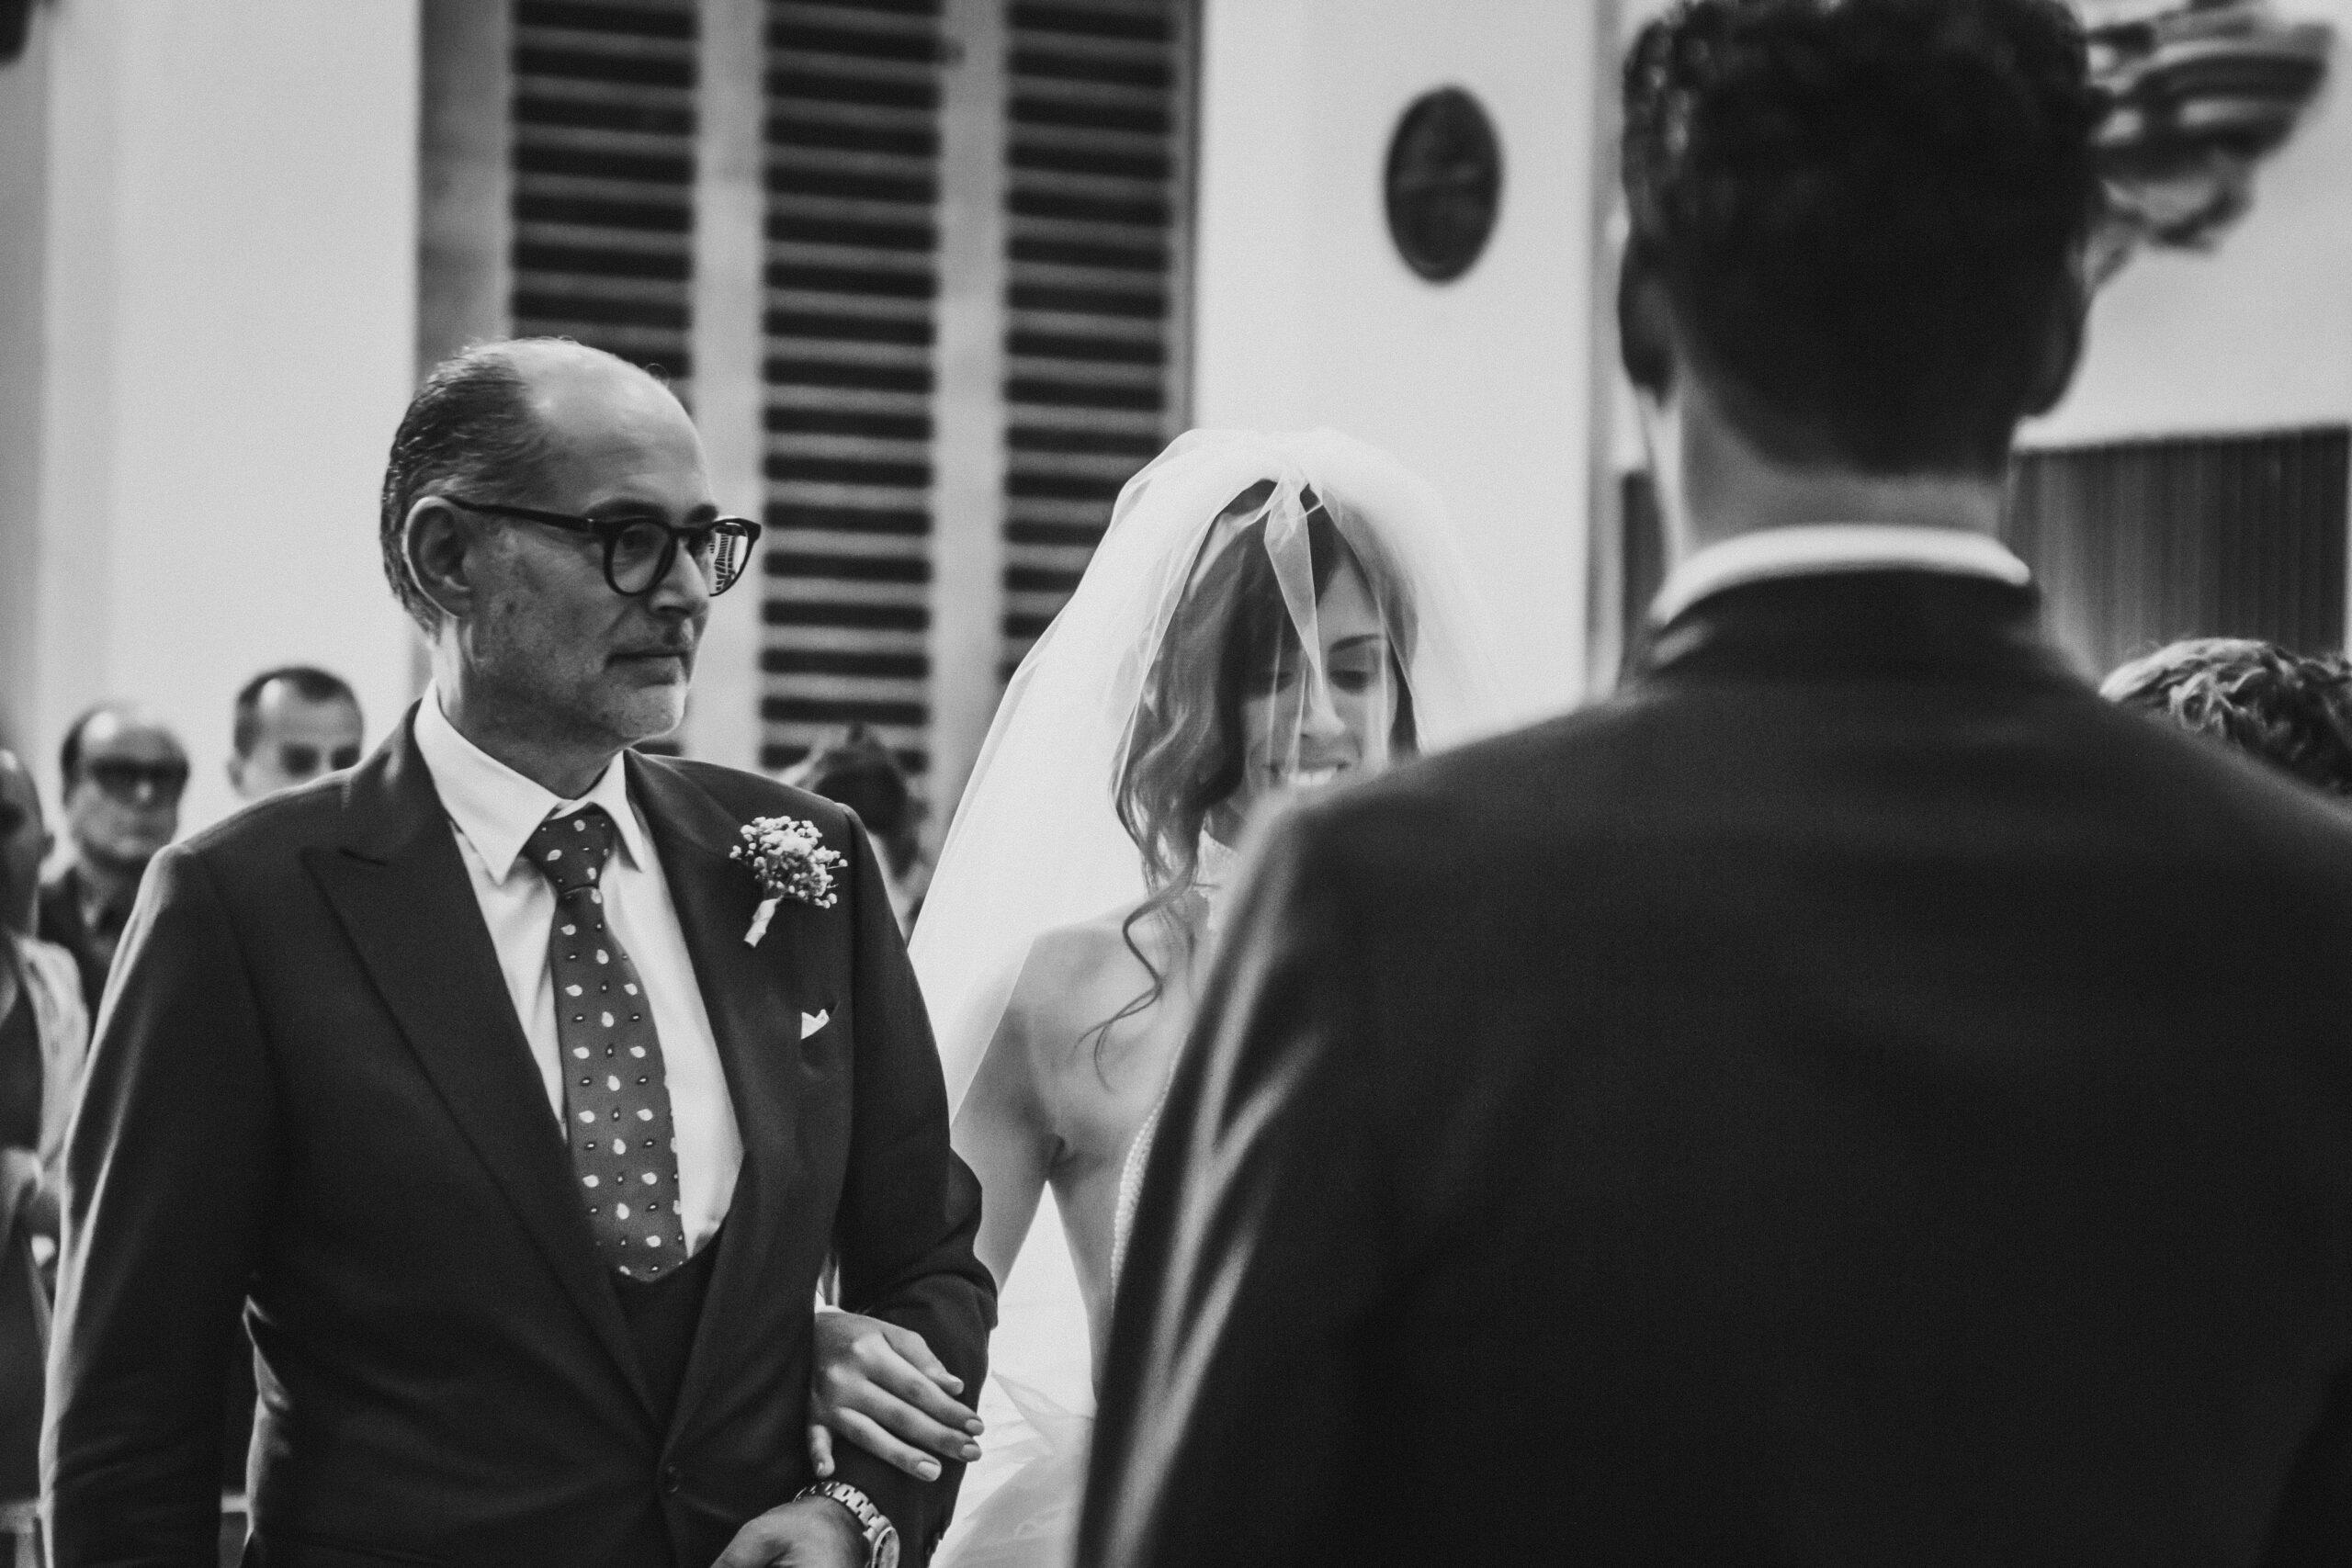 il papà della sposa consegna la sposa allo sposo